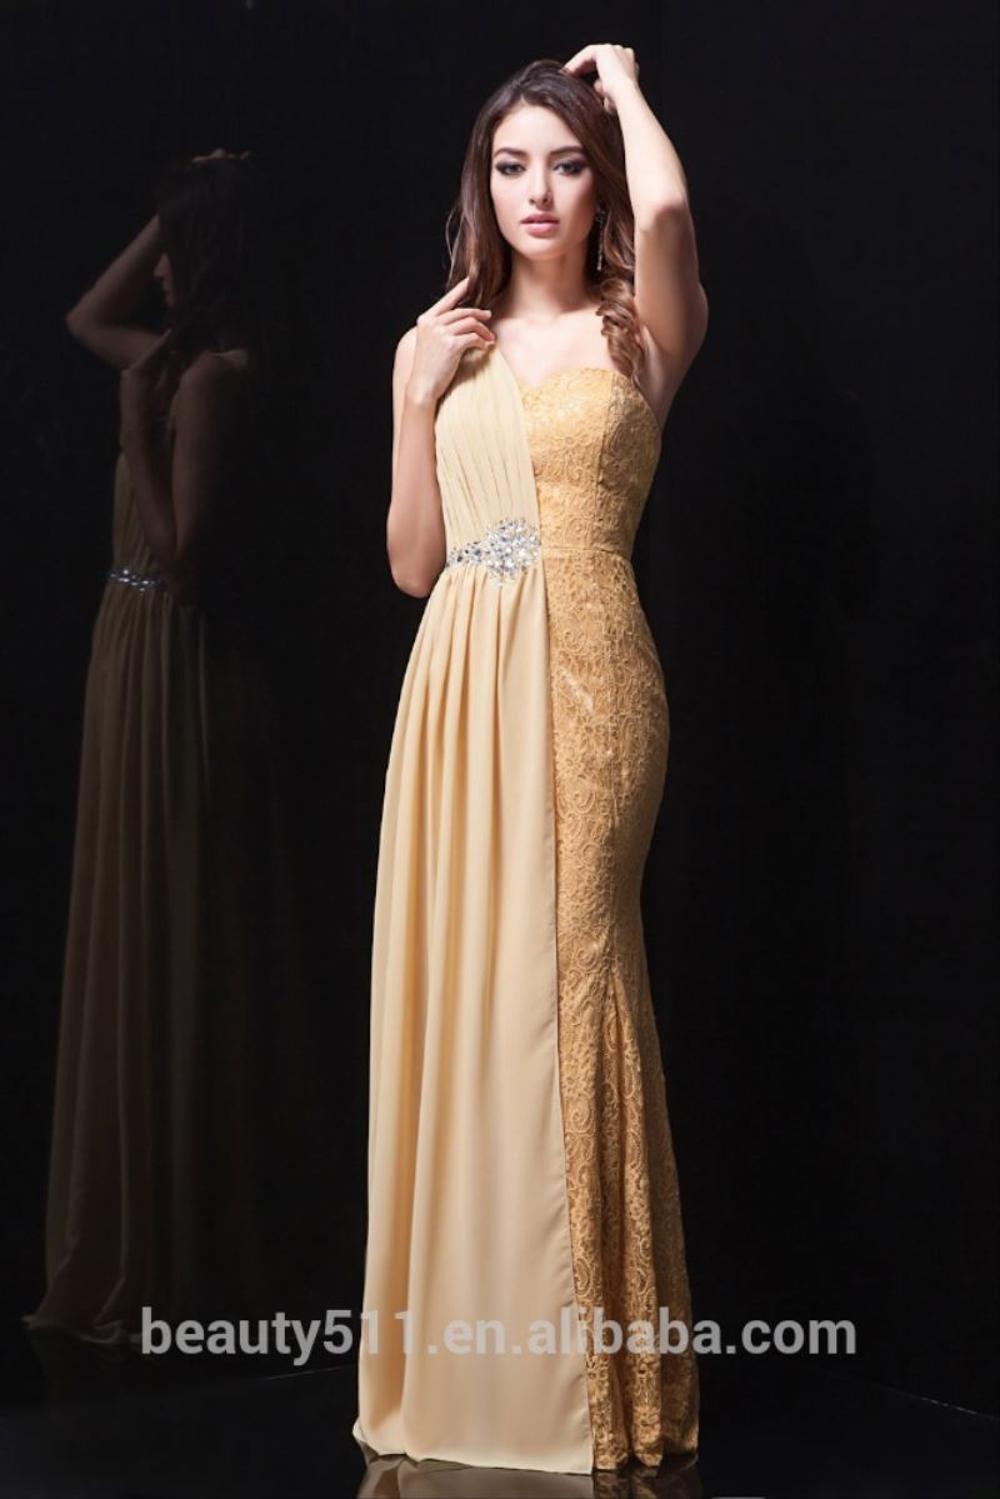 Шифоновое платье-Русалка на одно плечо, на одно плечо